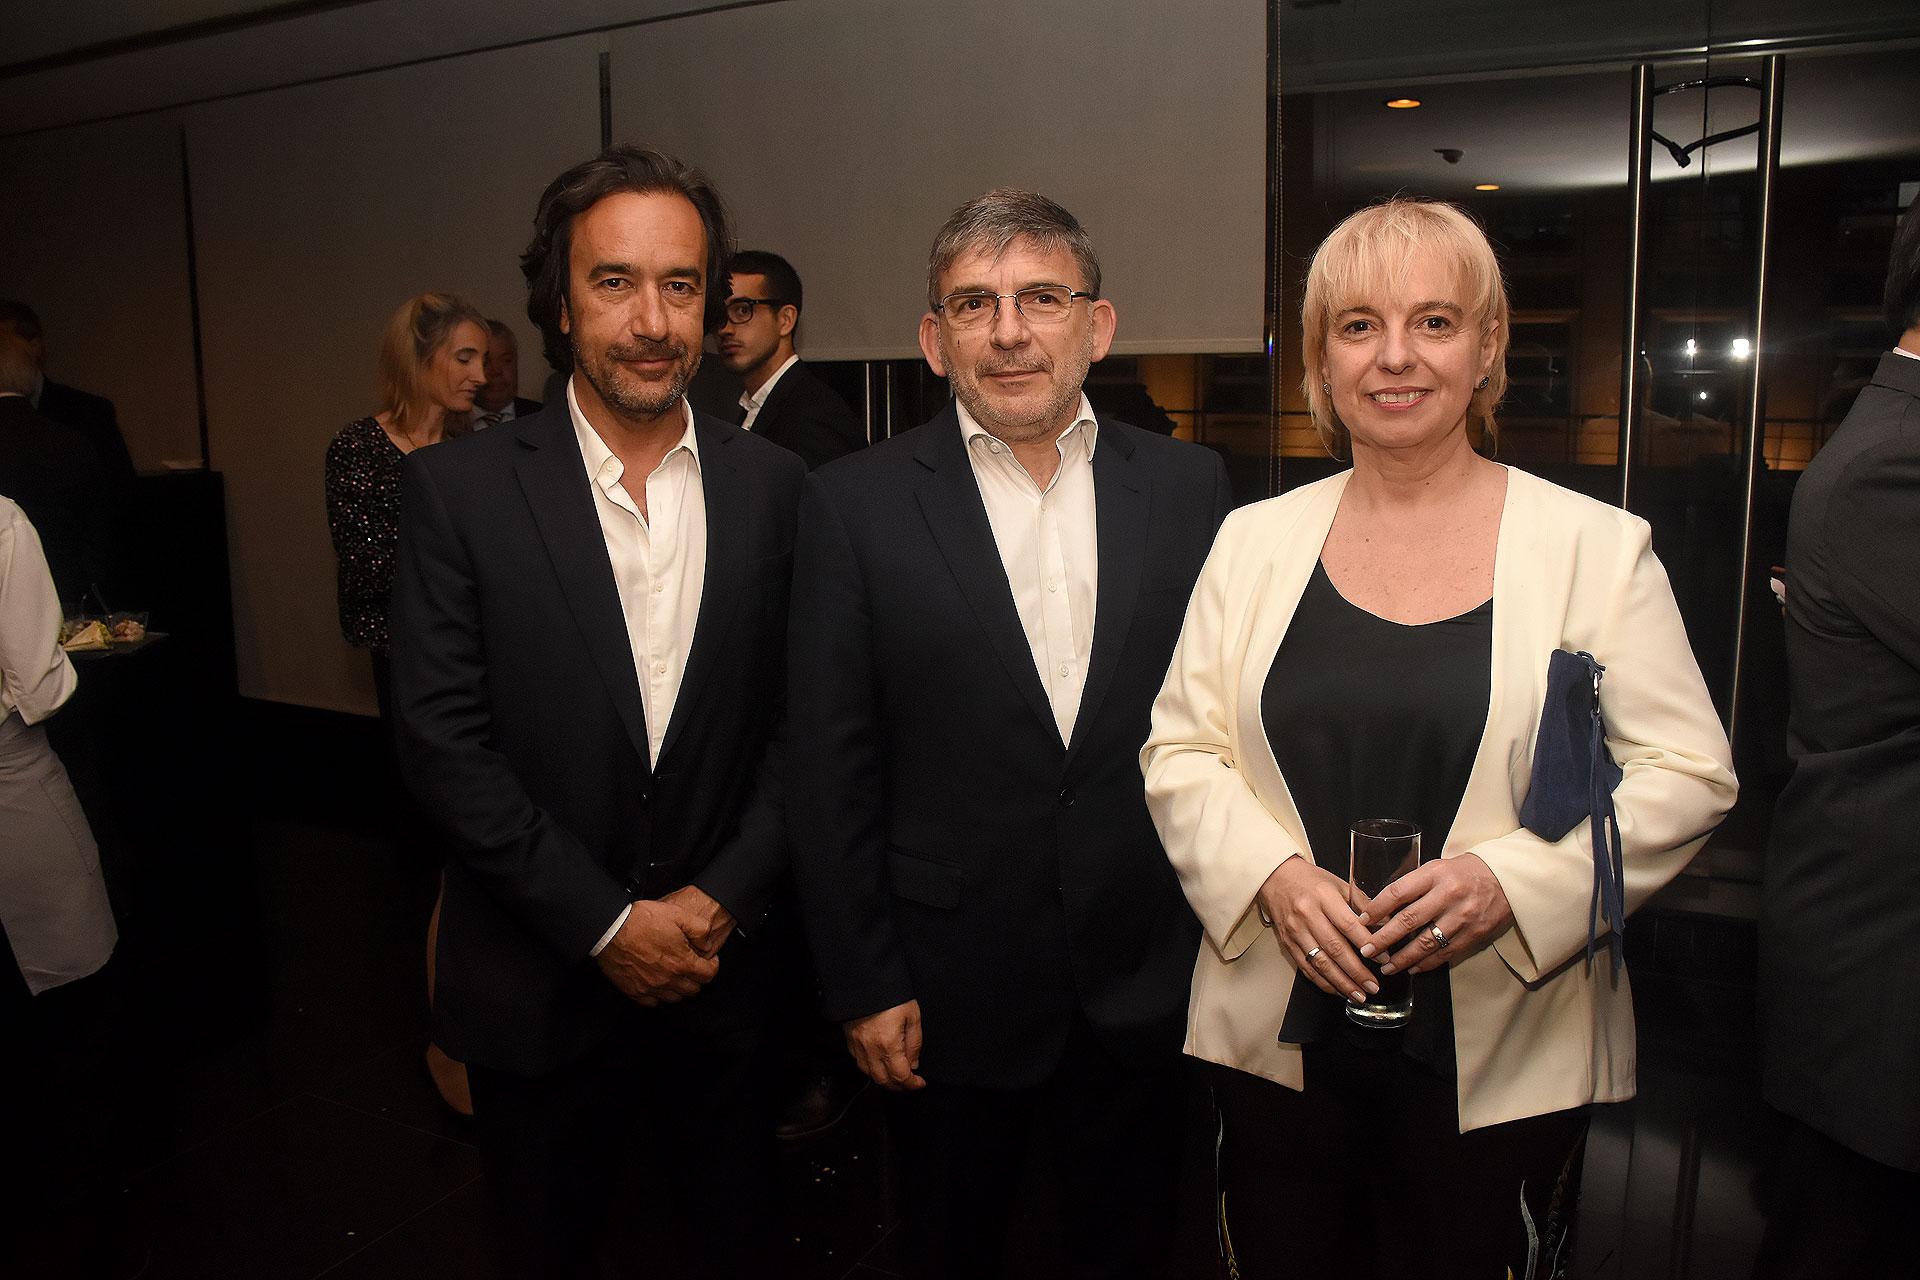 El secretario de Medios de la provincia de Buenos Aires, Mariano Mohadeb; el secretario de Comunicación Pública, Jorge Grecco, y Silvana Giúdice, directora de ENACOM